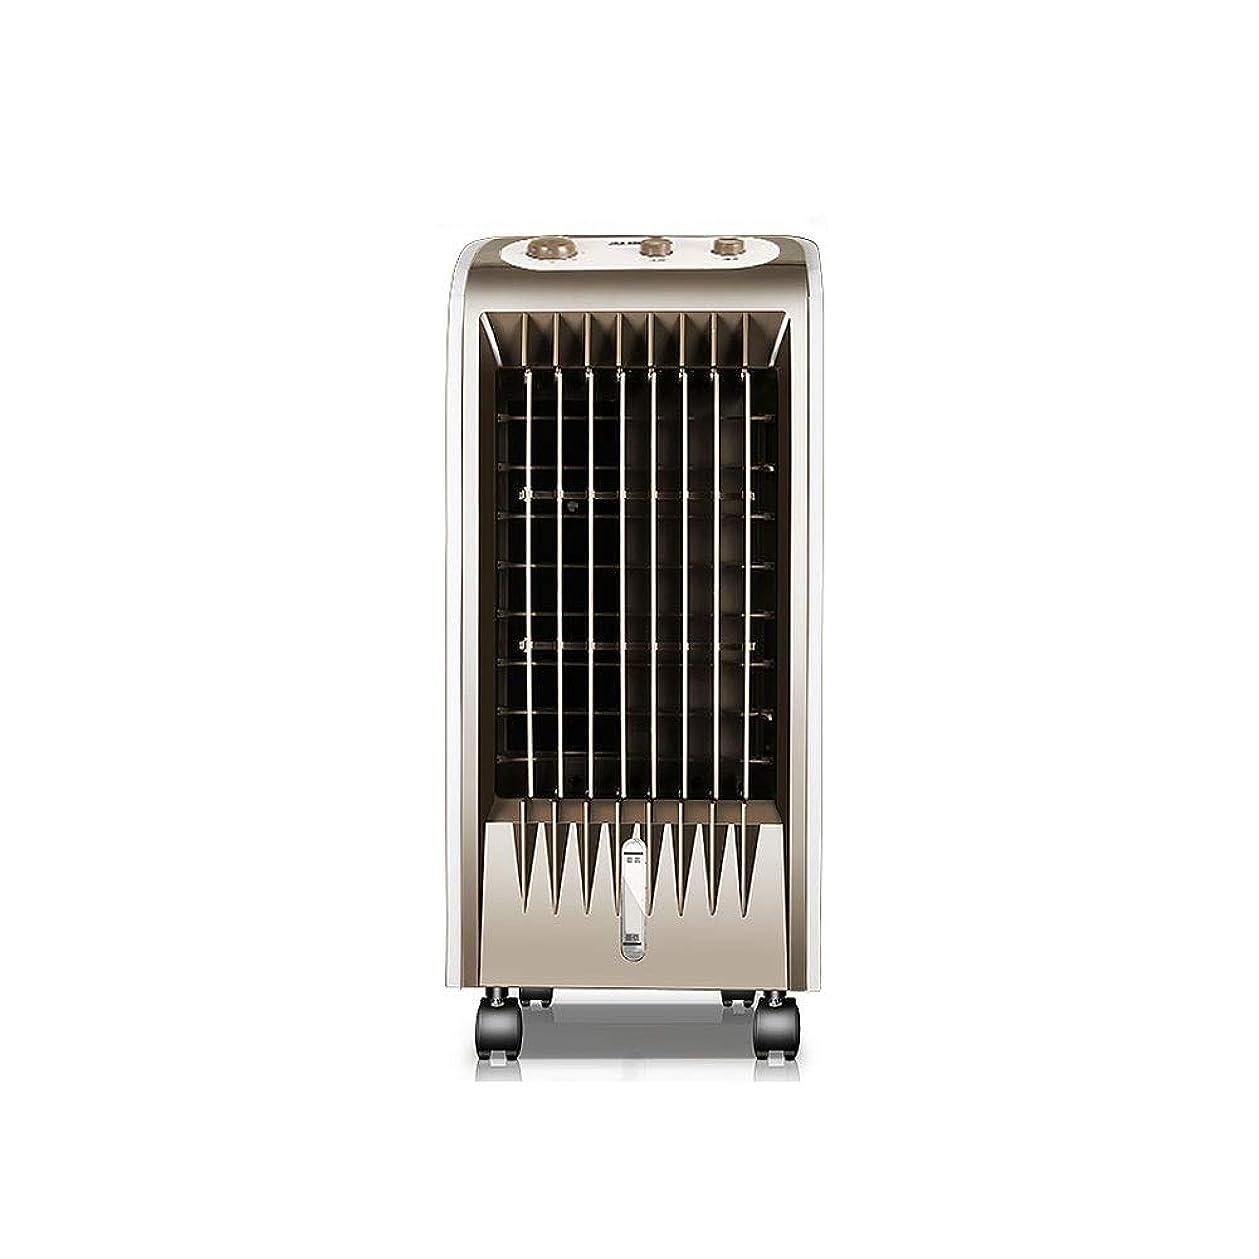 パンチイデオロギー型YZJL-ポータブルエアコン 1のブラウンの携帯用空気クーラー、小さい3スピードエアコン、無声クーラー、加湿器および清浄器3つ